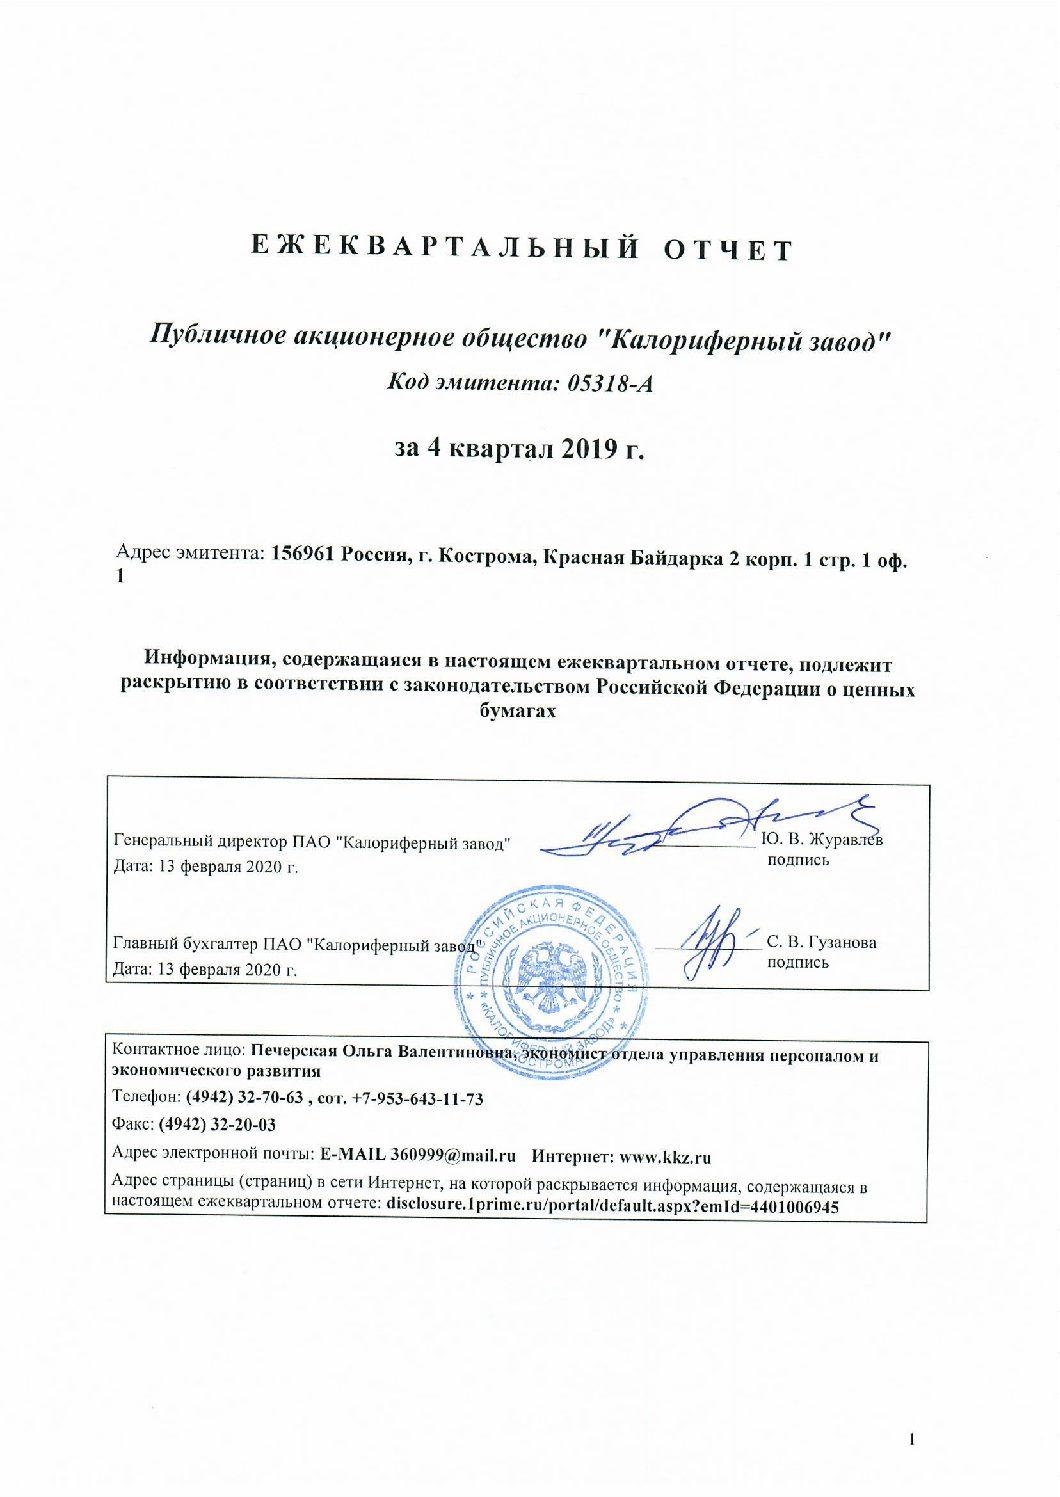 Ежеквартальный отчет эмитента ценных бумаг за 4 квартал 2019 года.